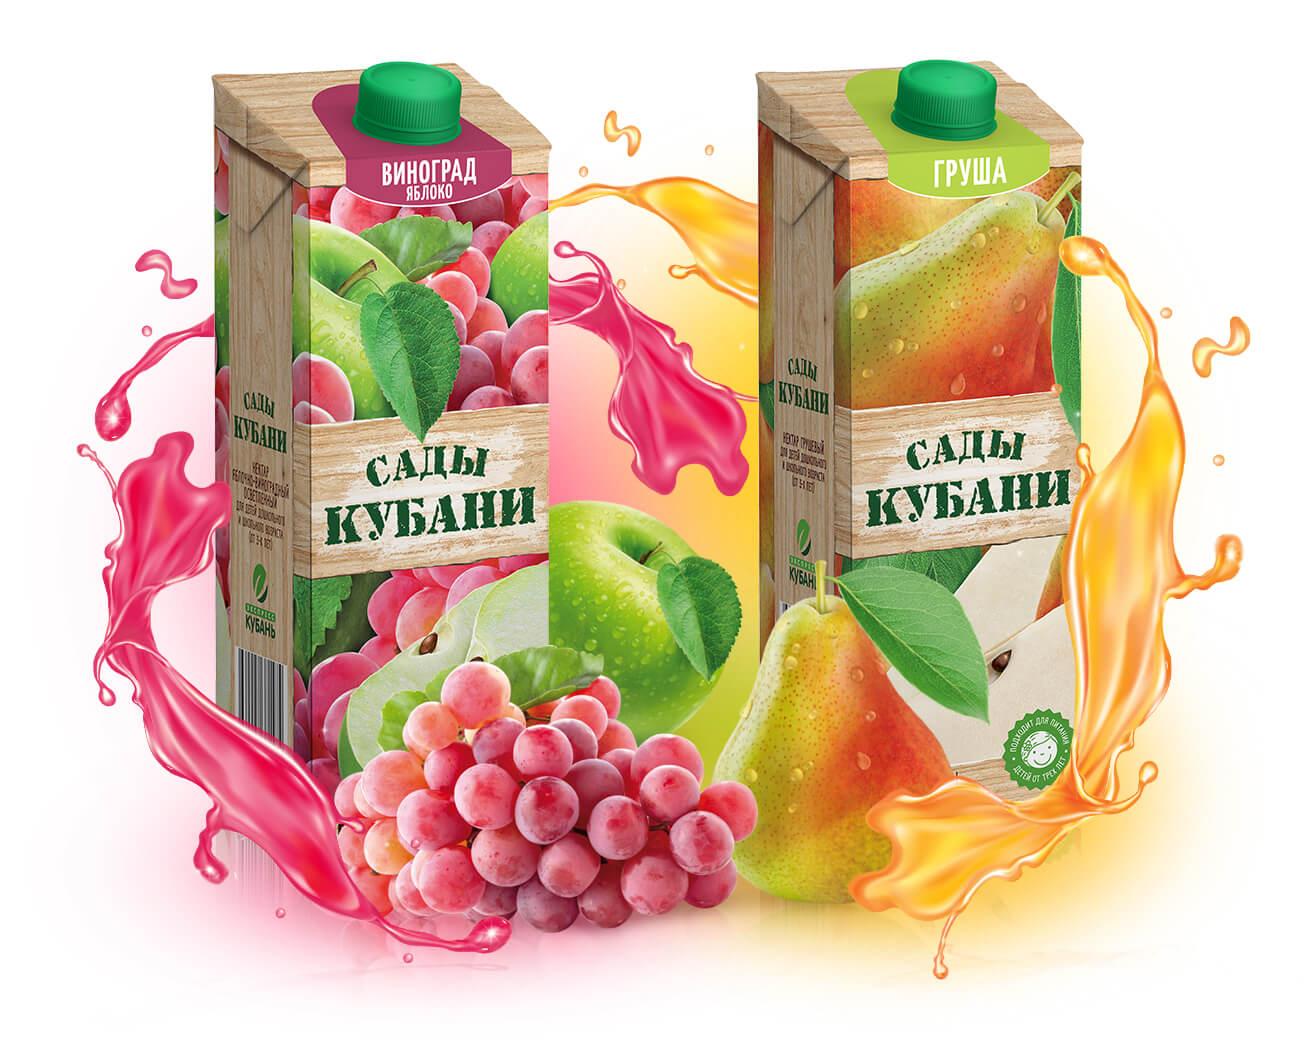 Соки и нектары торговой марки Сады Кубани